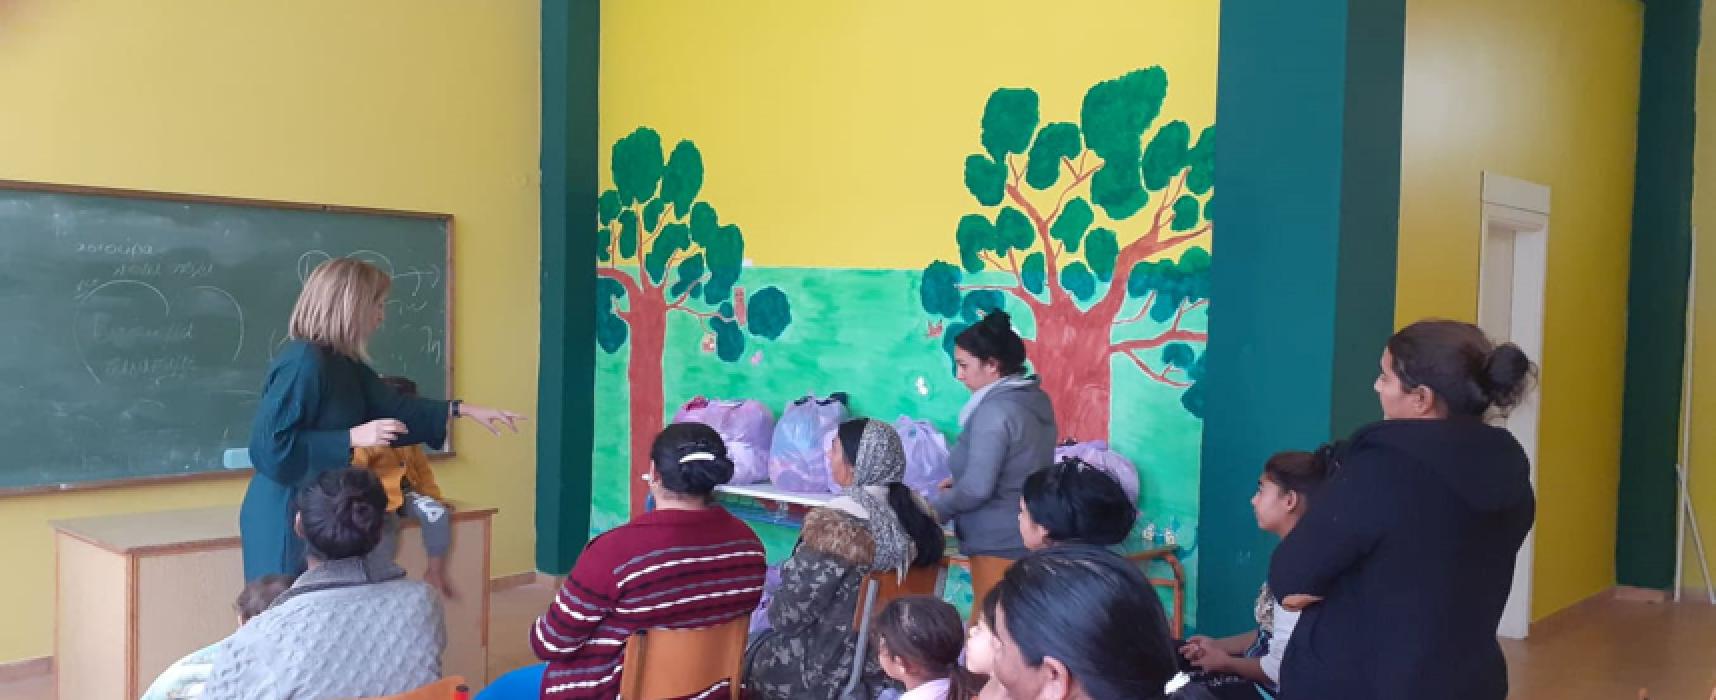 Δράσησυμβουλευτικής σχολικής φοίτησης, εμβολιασμού ατομικής υγιεινής και διανομή ειδών παιδικού ρουχισμού στο Παράρτημα Ρομά Σοφάδων